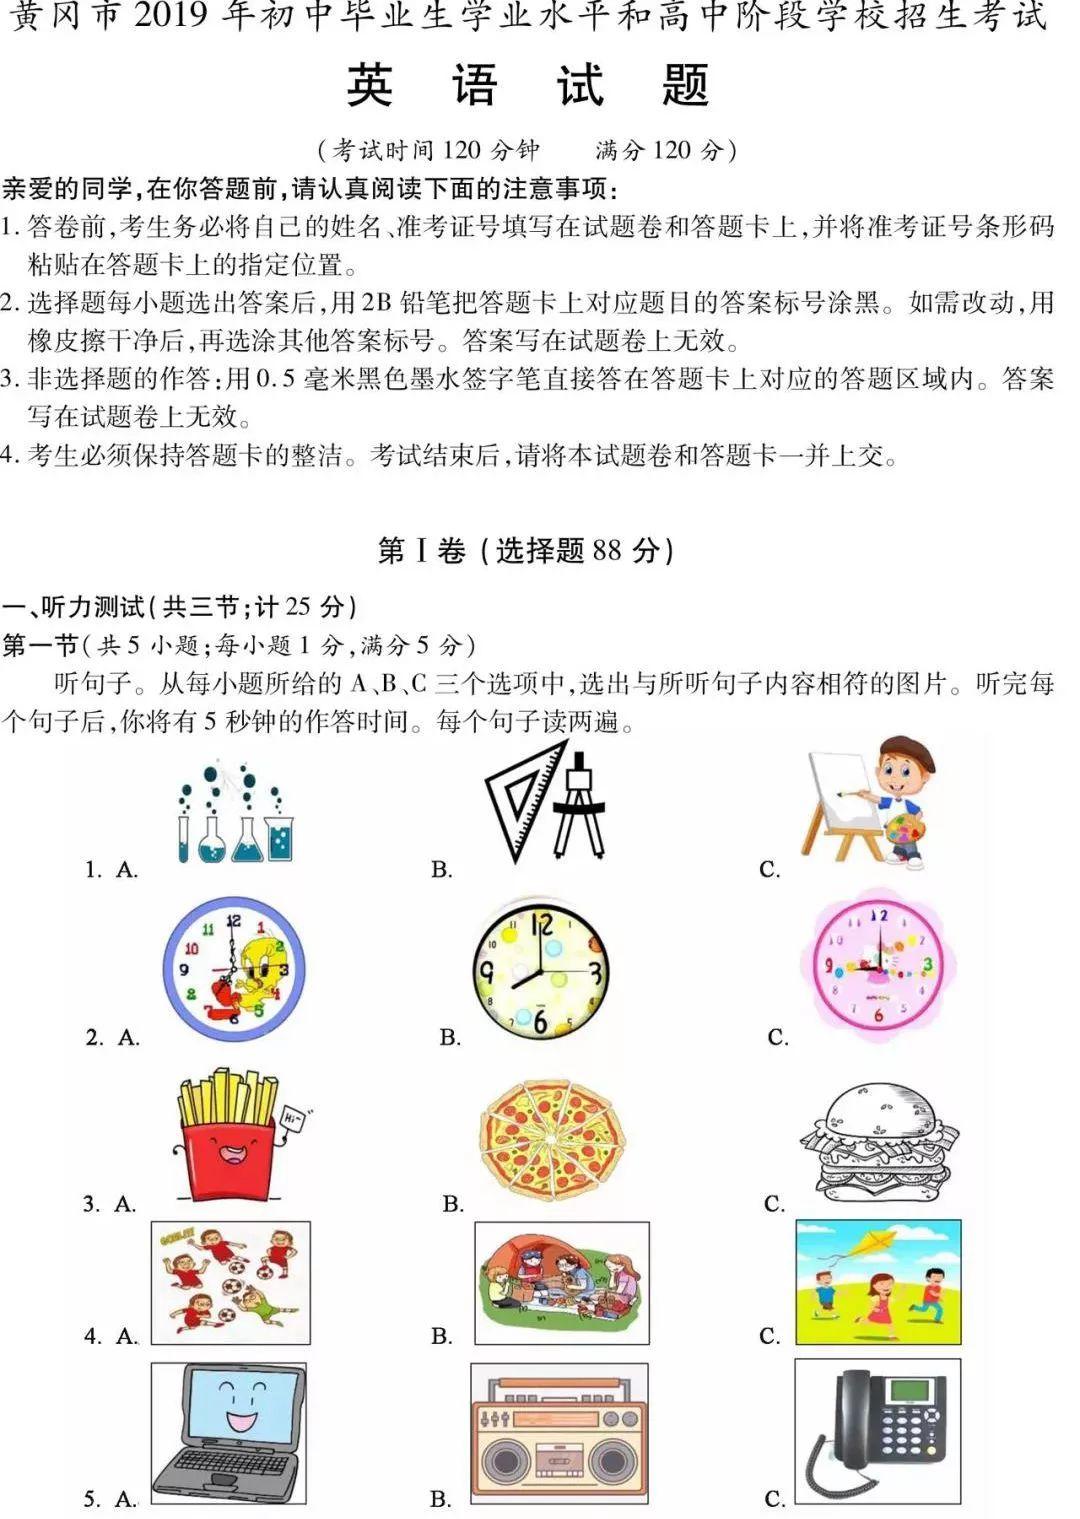 2019湖北黄冈中考《英语》真题及答案已公布